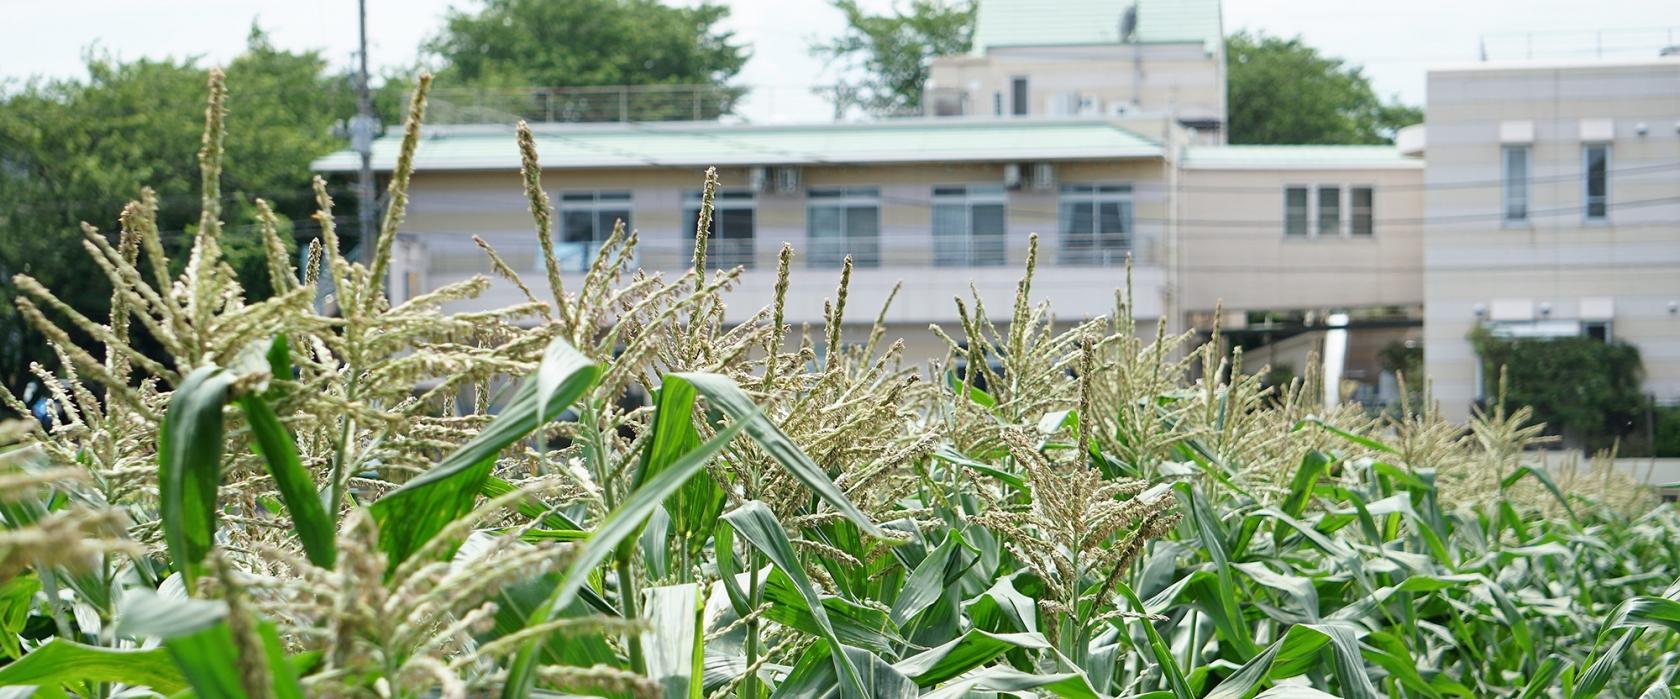 おそごうエリア前のトウモロコシ畑